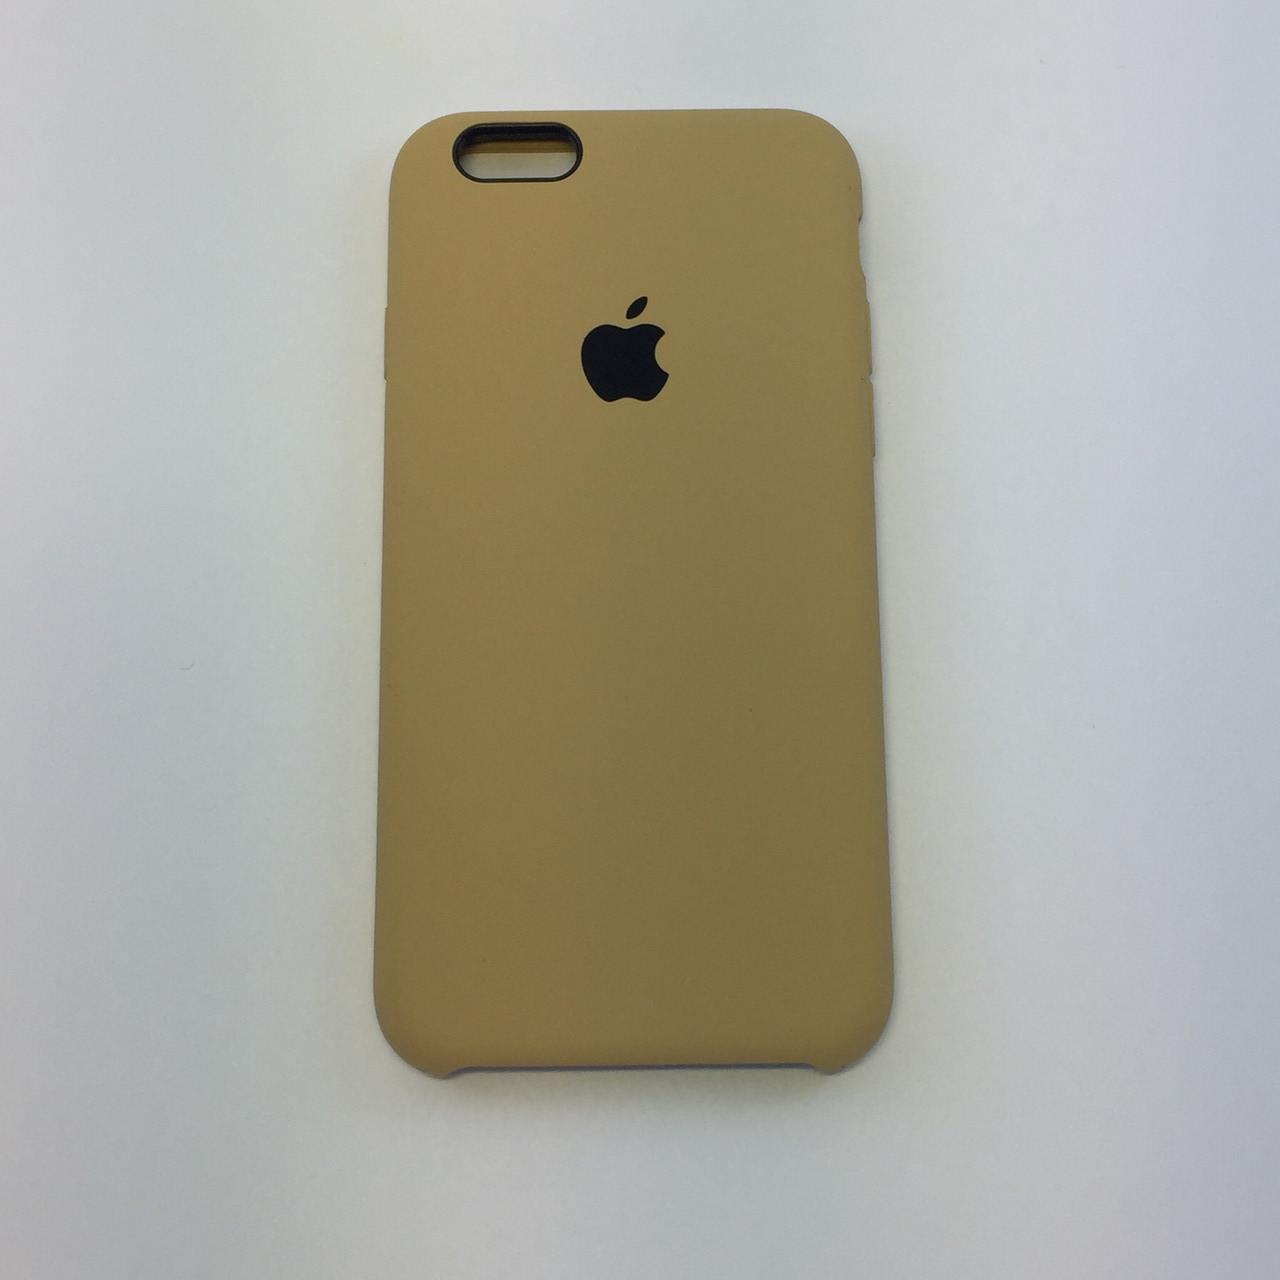 Силиконовый чехол iPhone 7 / 8, gold, copy original